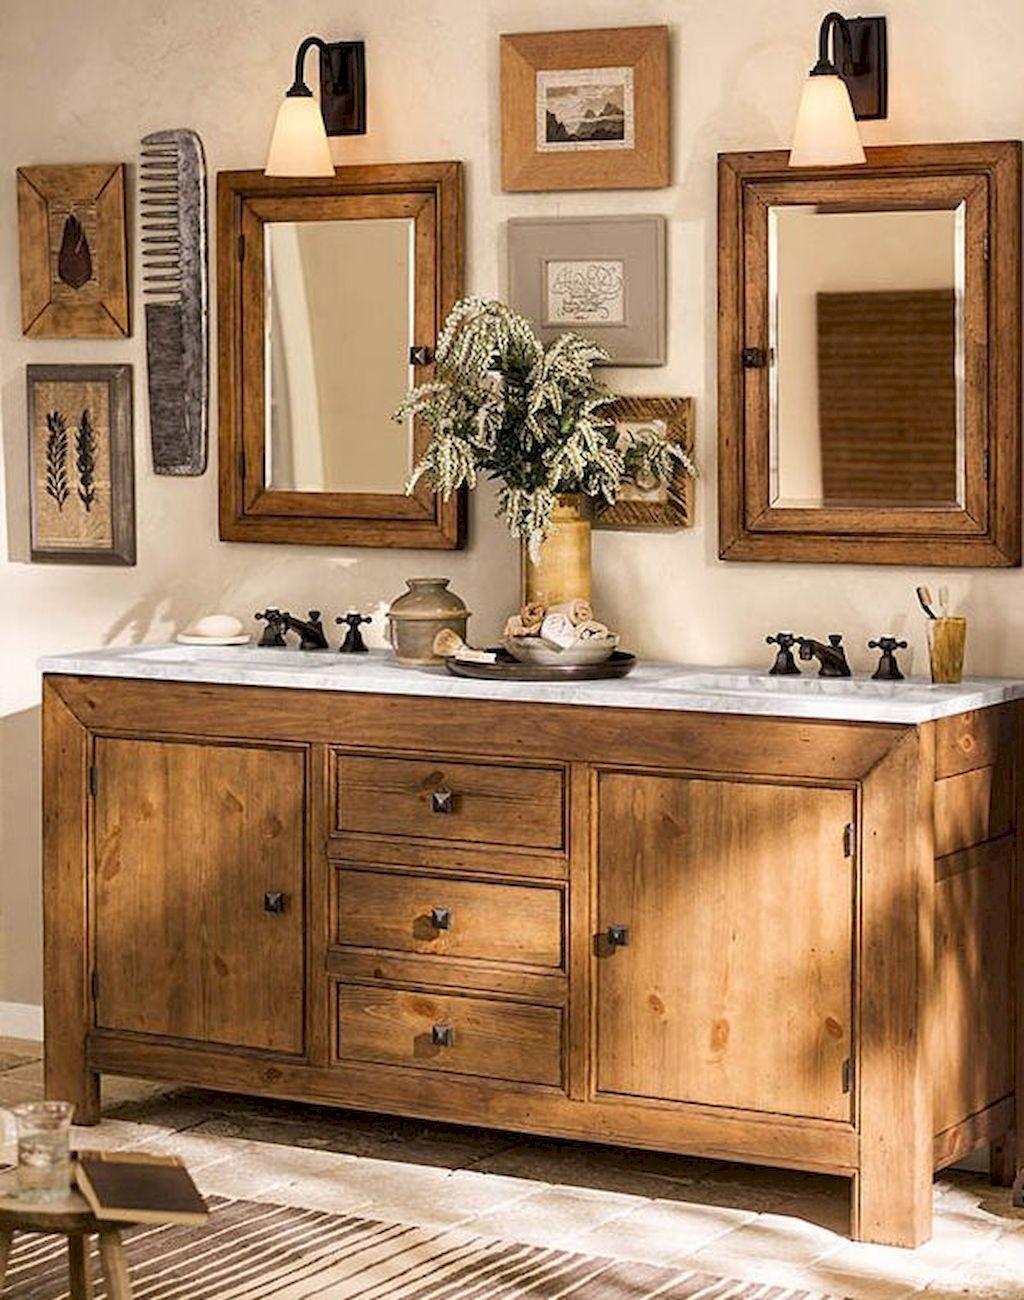 63 Rustic Farmhouse Bathroom Remodel Ideas Bathroom